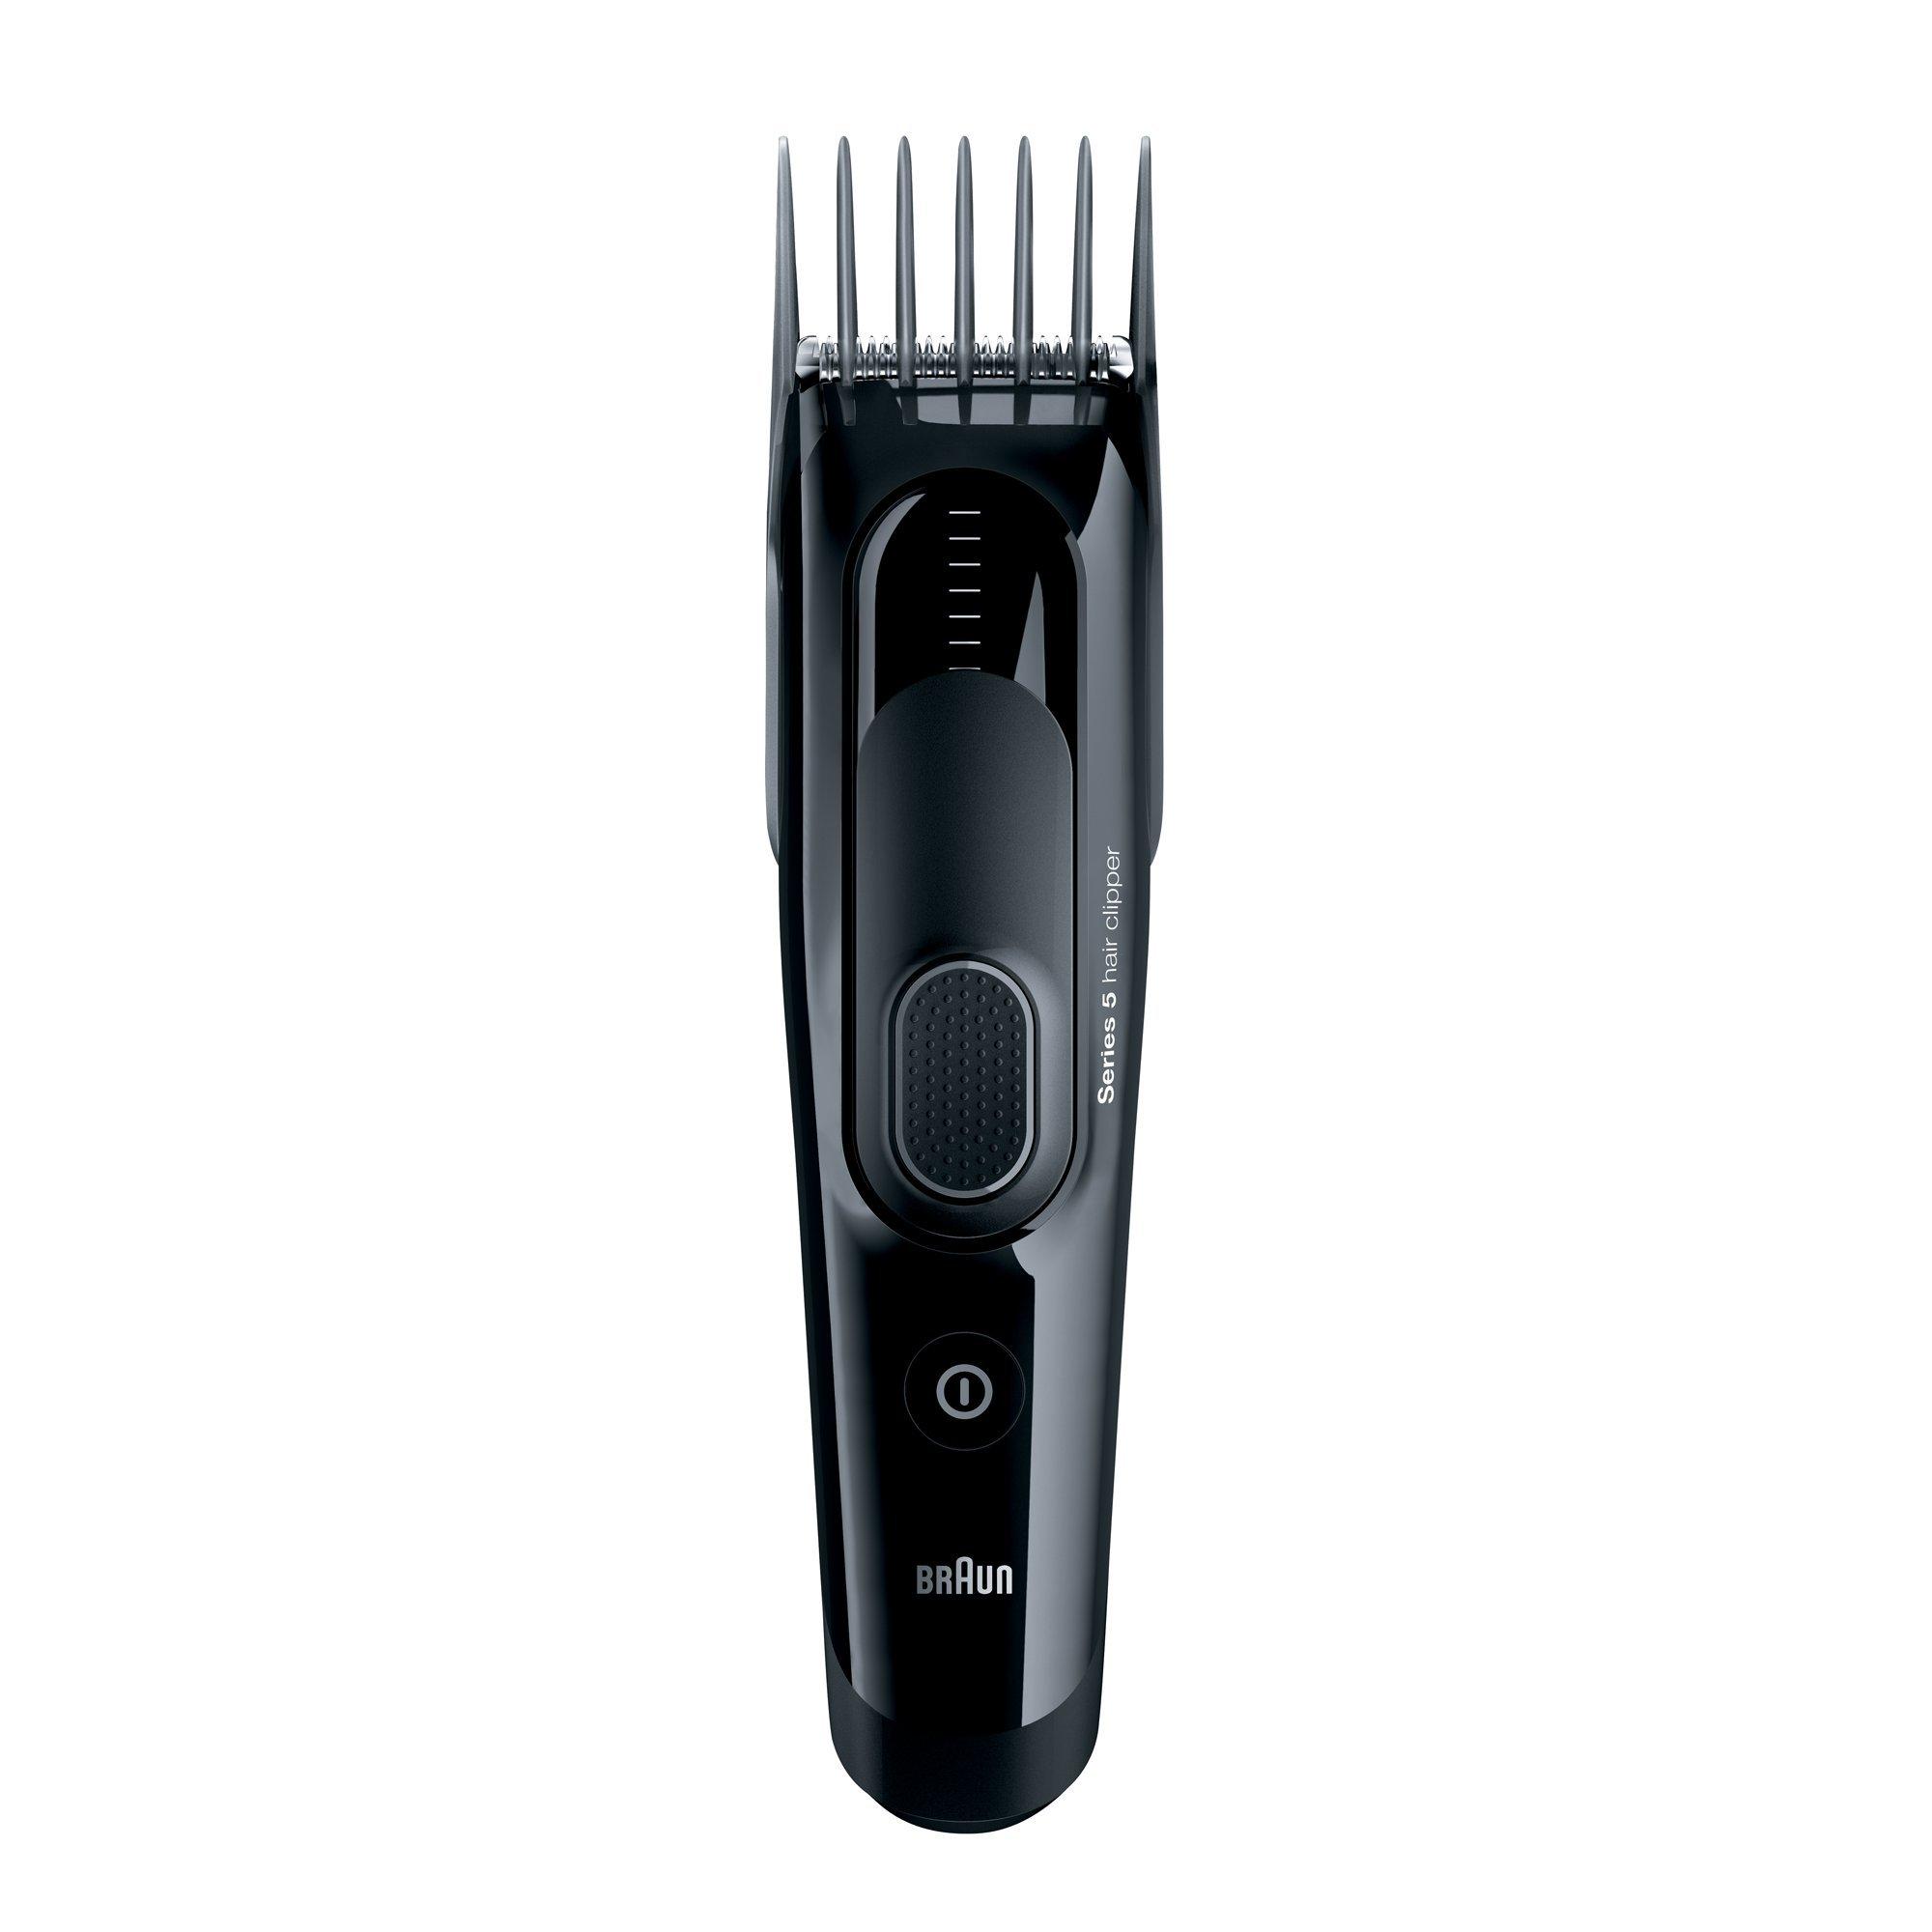 Braun Tondeuse pour Cheveux Séries 5 HC5050 avec un Sabot Spécial Poils Longs et un Spécial Poils Courts product image